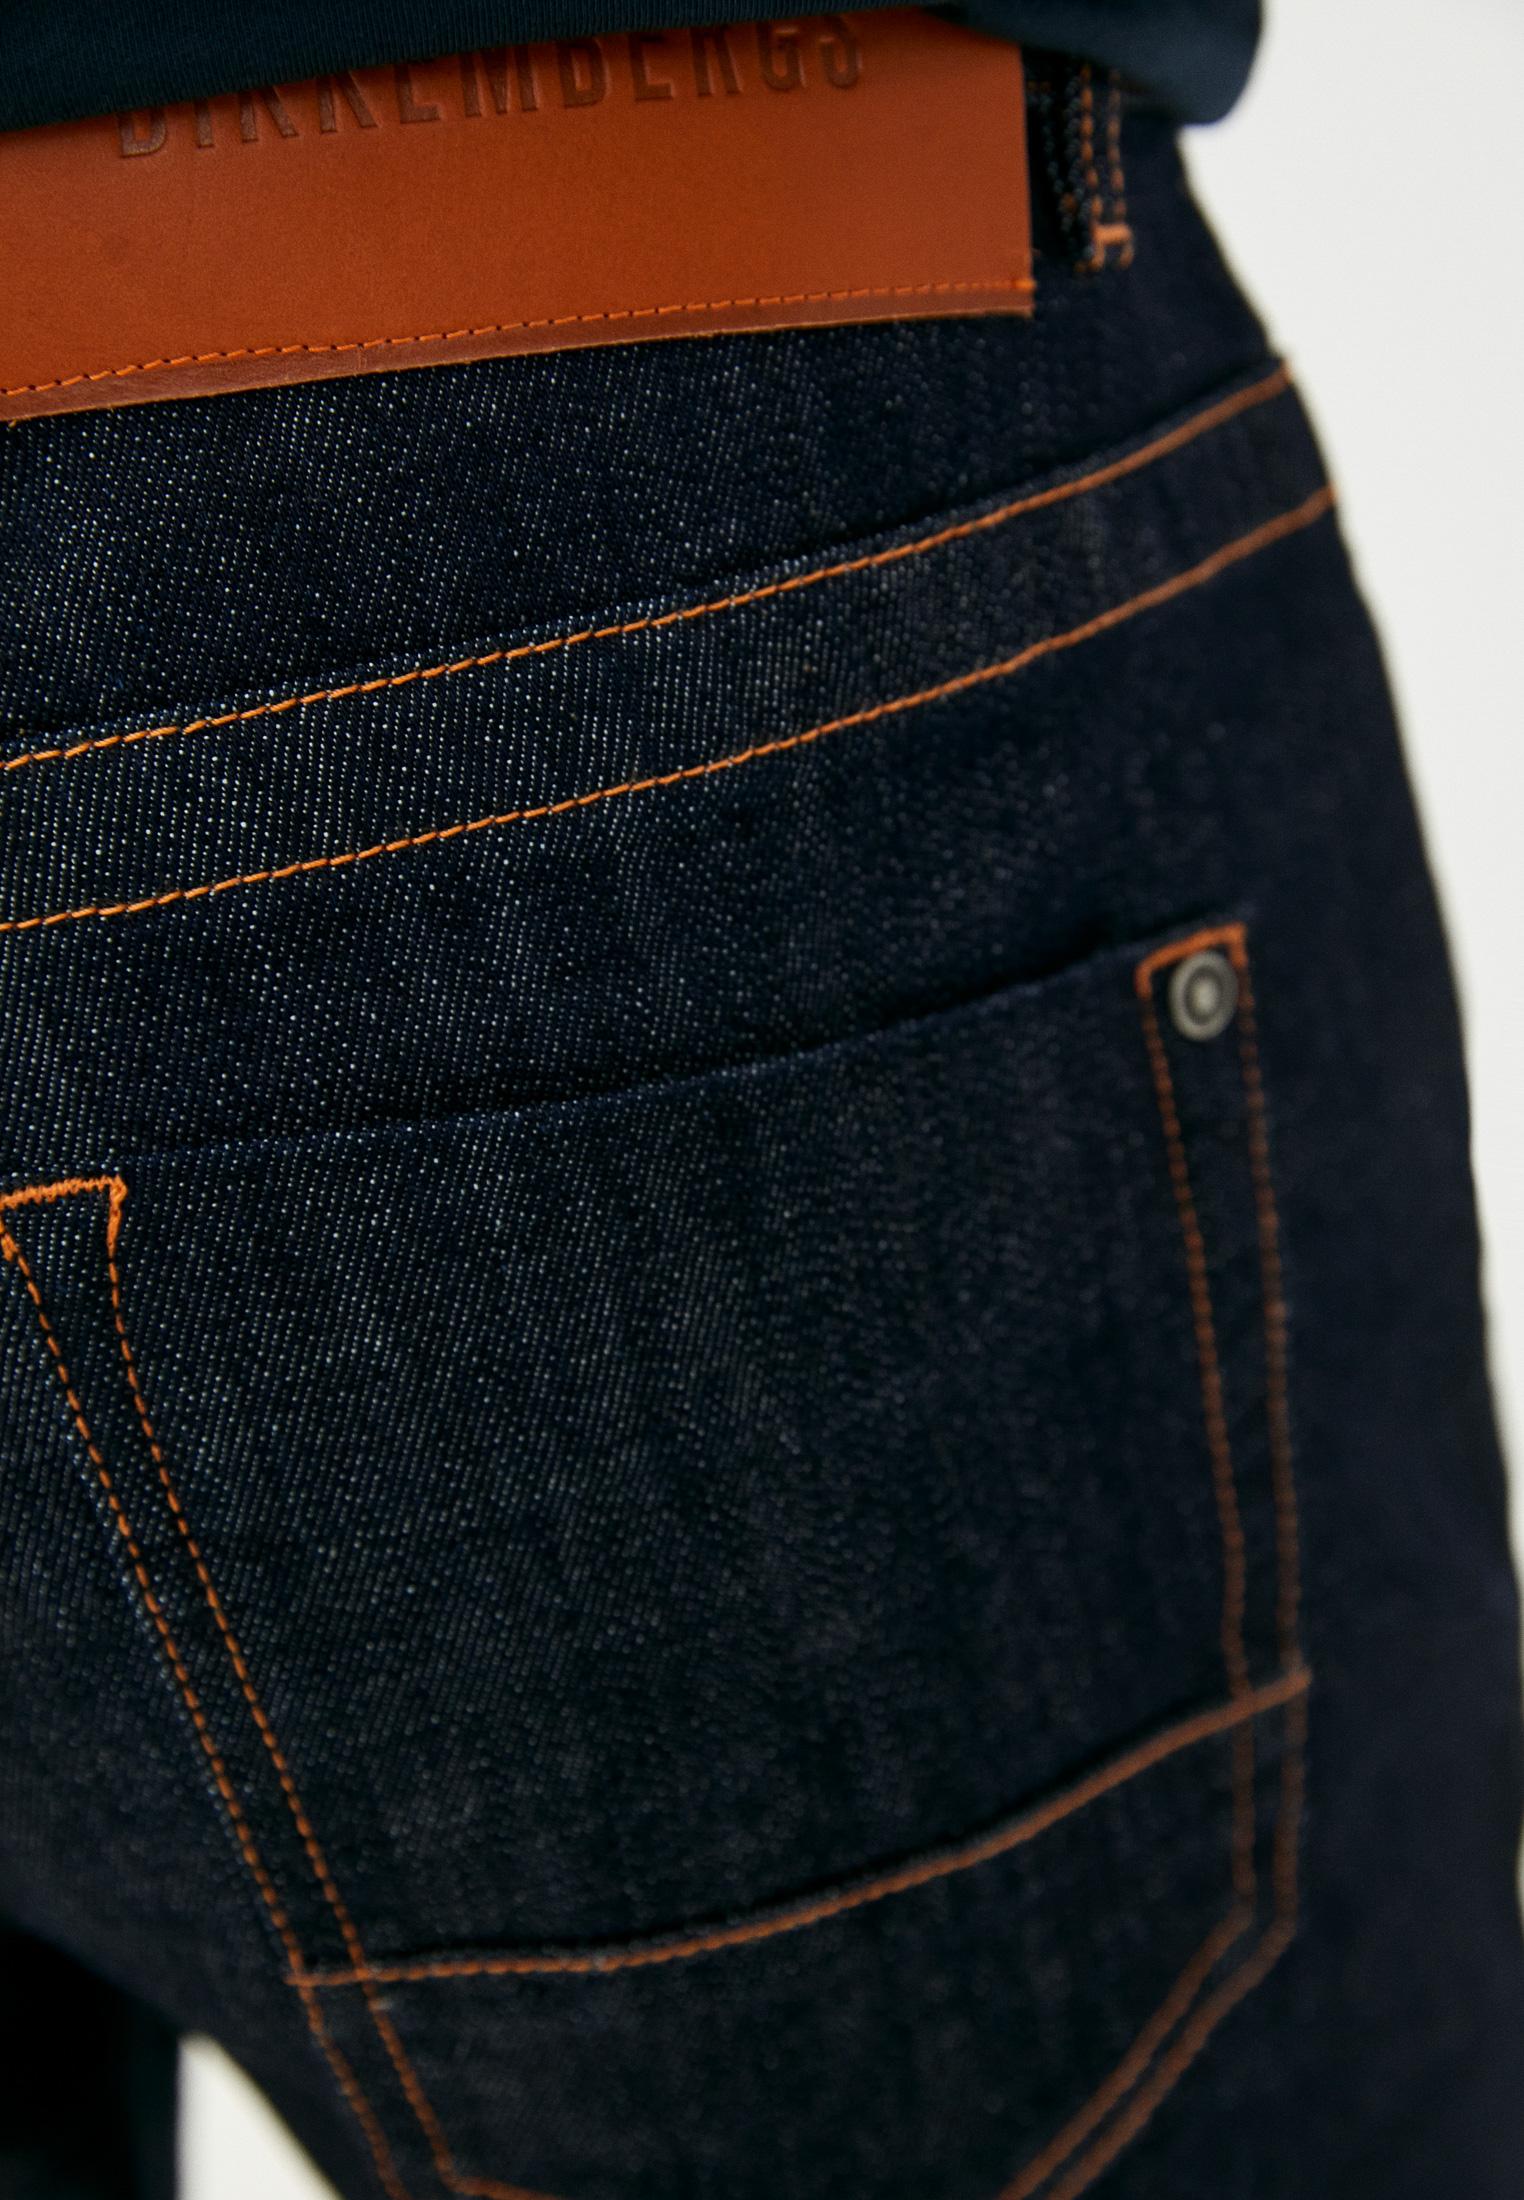 Мужские прямые джинсы Bikkembergs (Биккембергс) C Q 102 03 S 3393: изображение 20